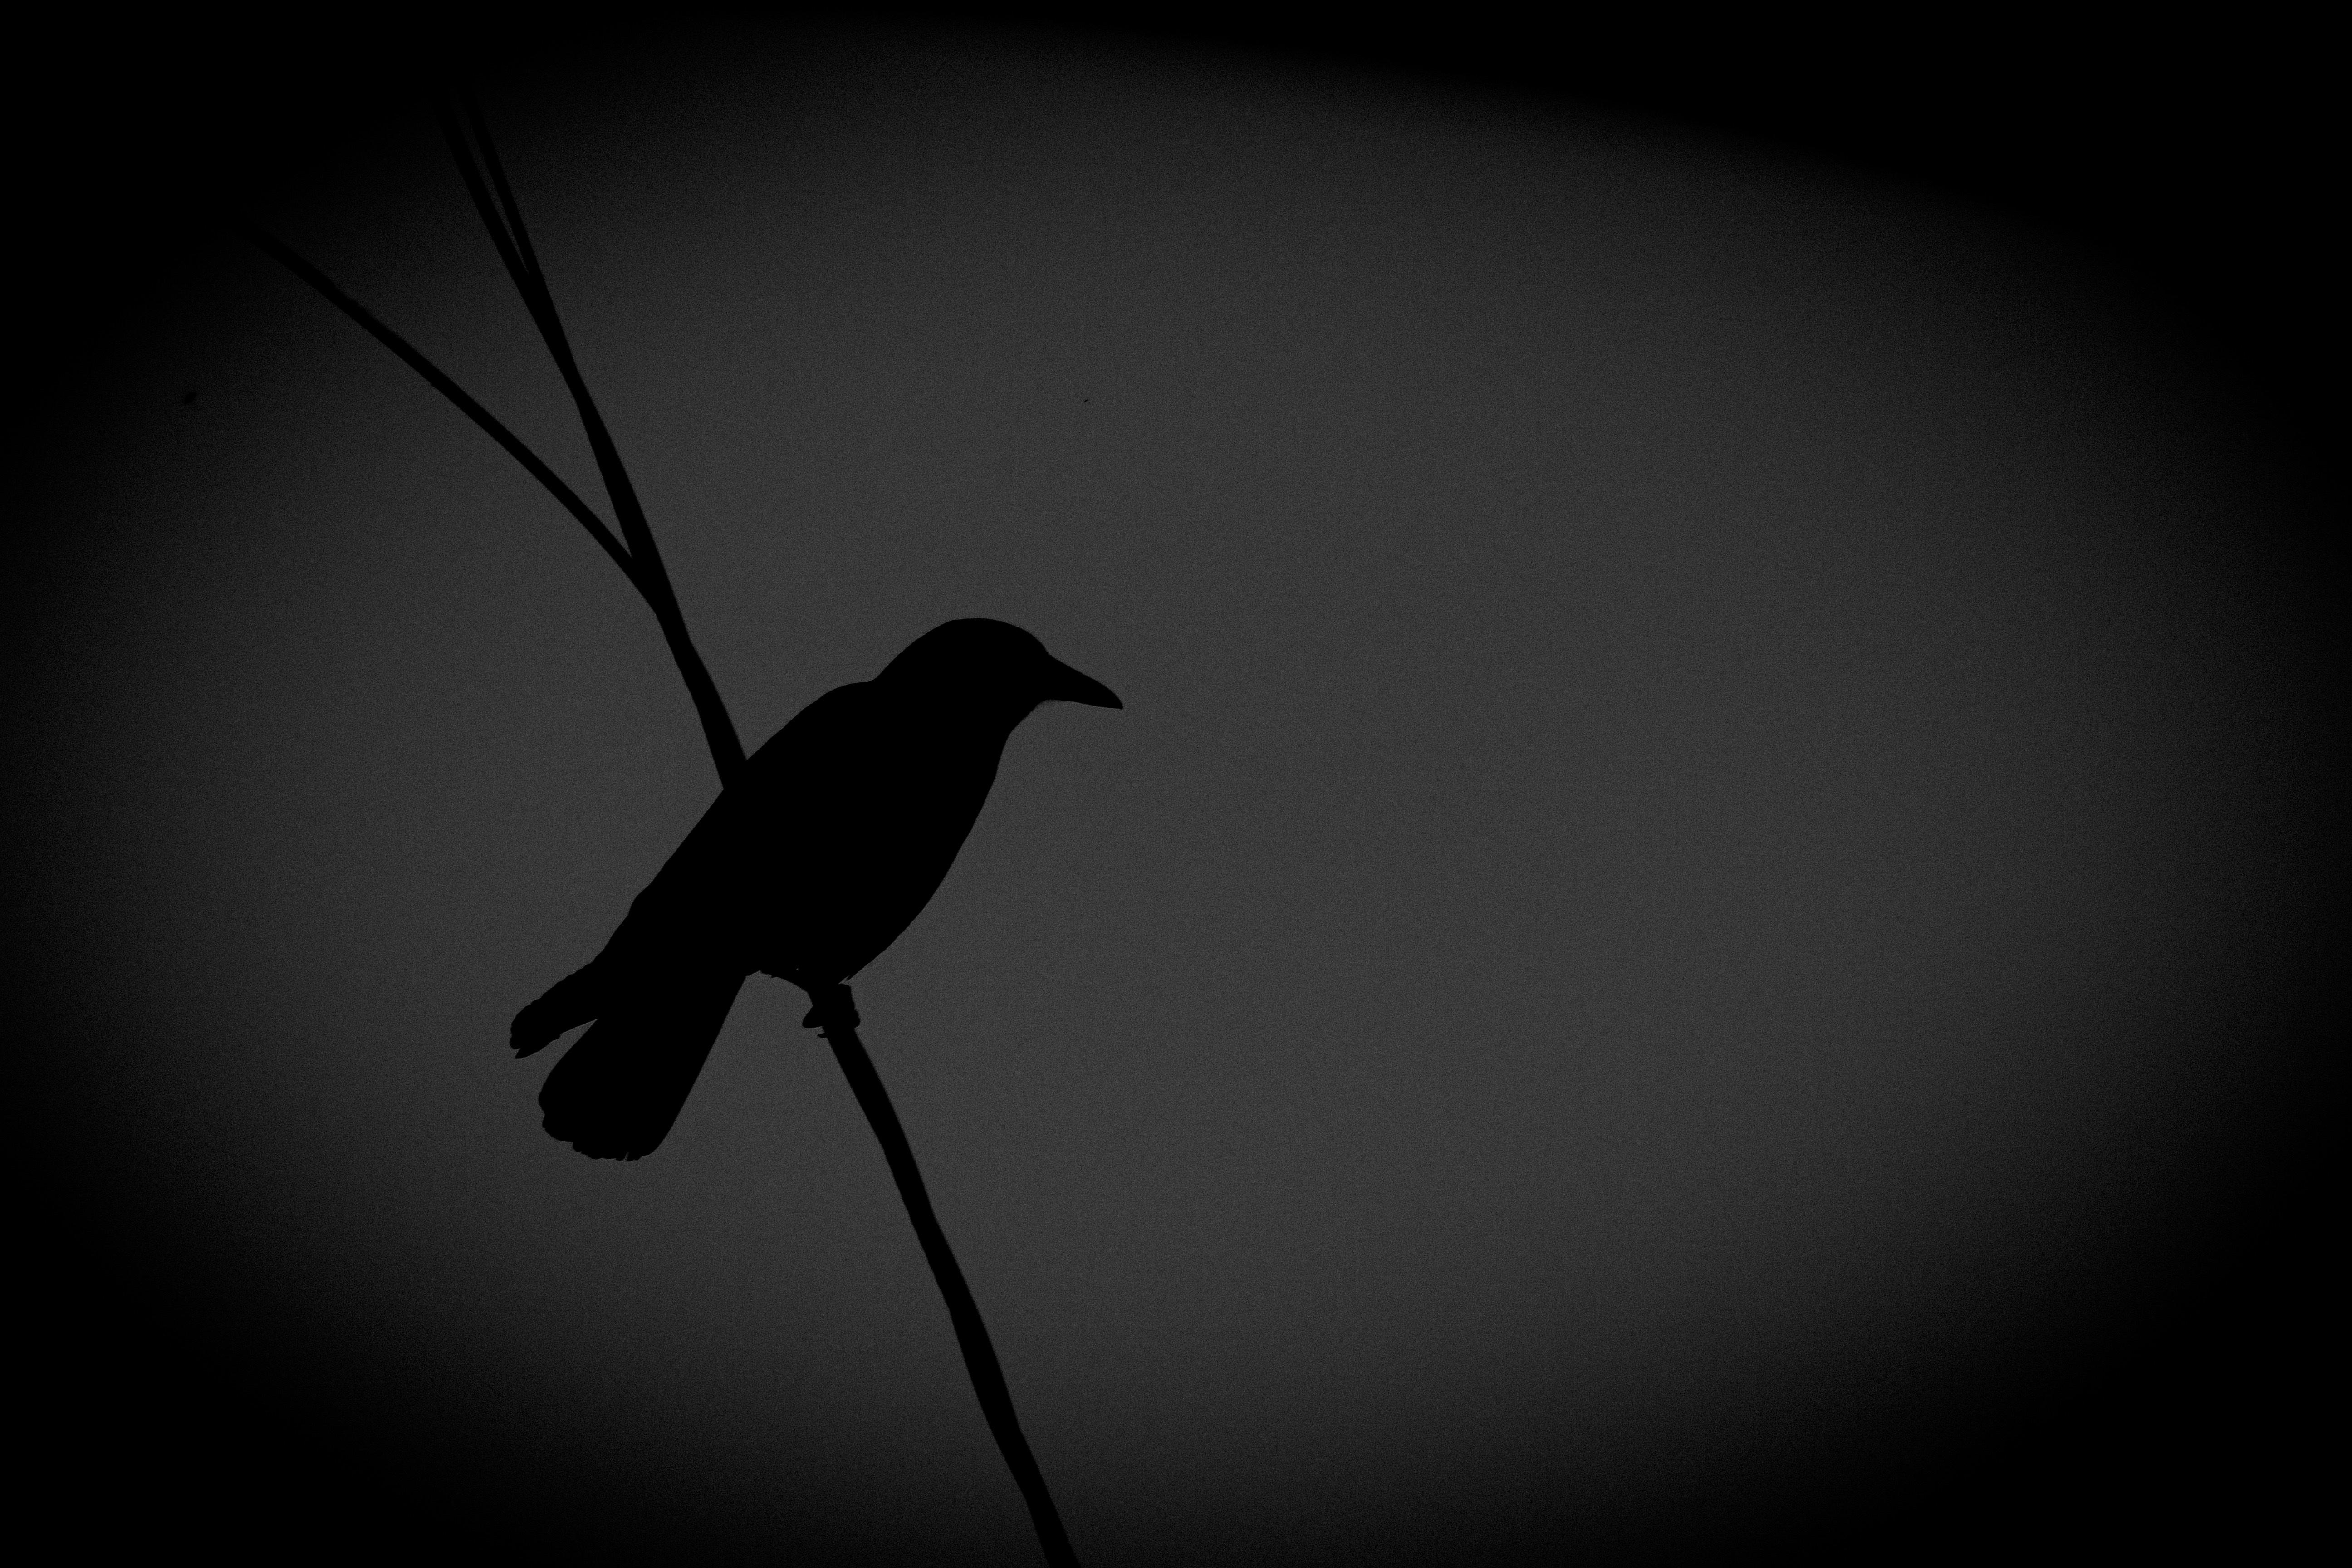 рассказано картинки черного ворона черно белые располагается